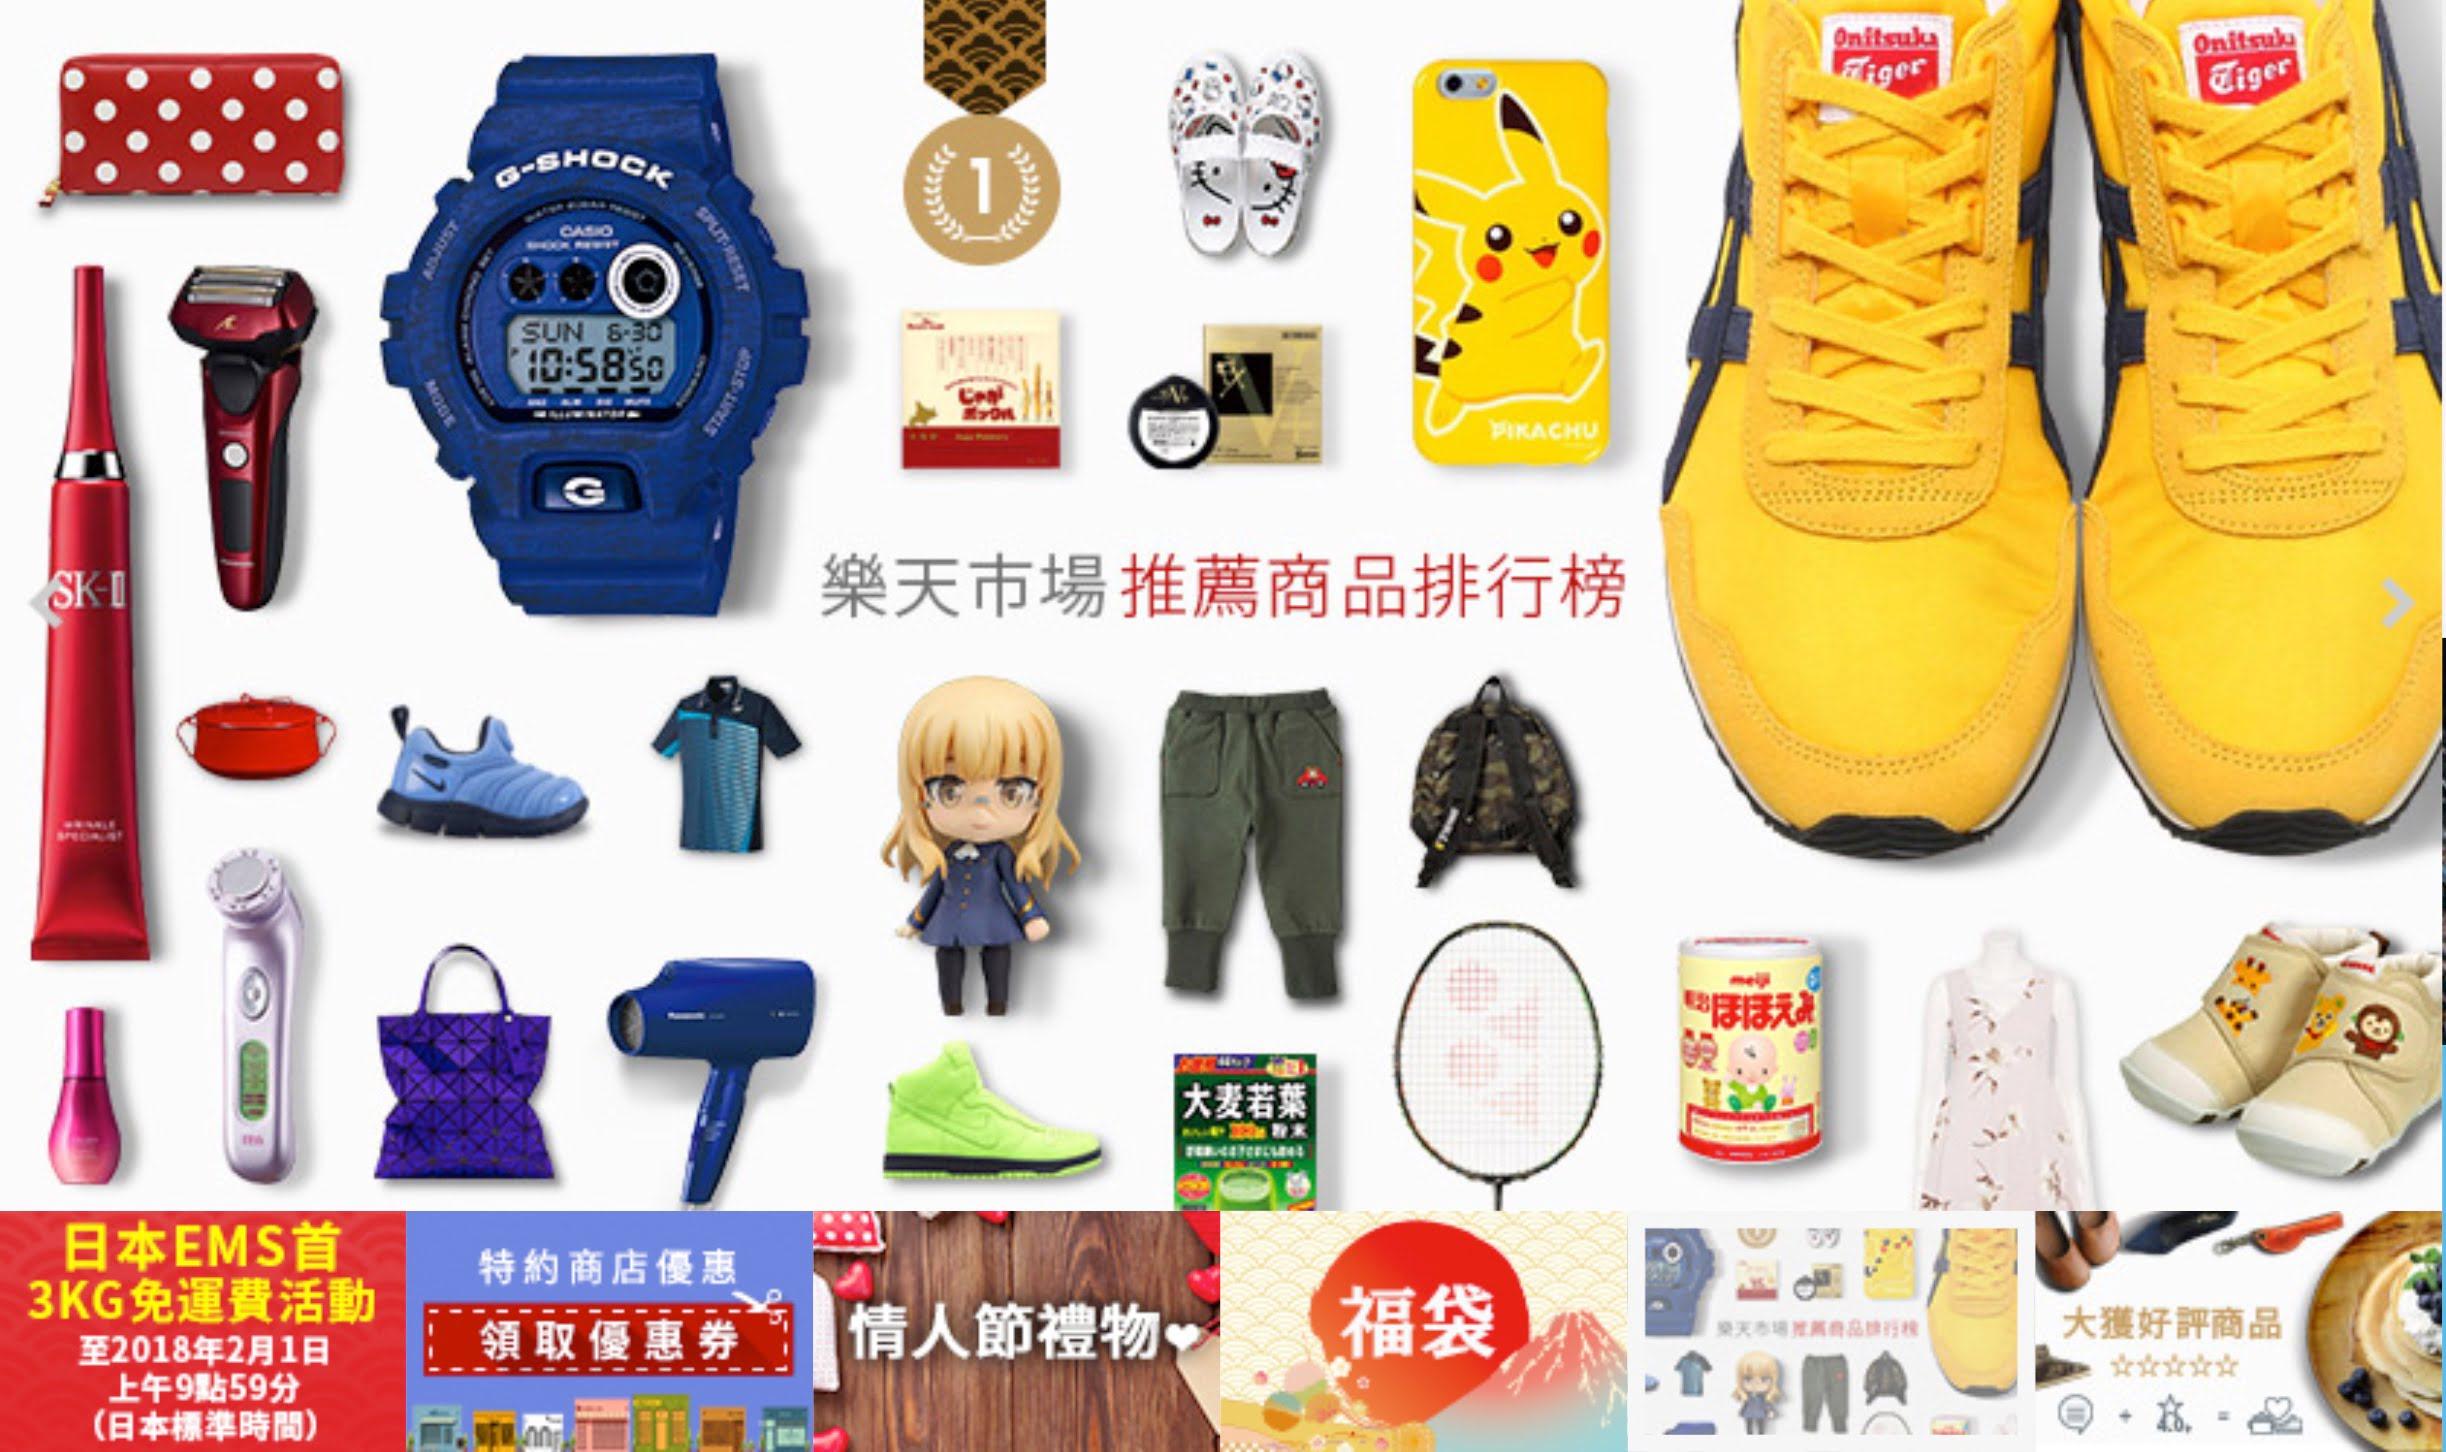 樂天市場 Rakuten 官方集運,日本購物直送台灣運費現省 2000 元折扣!